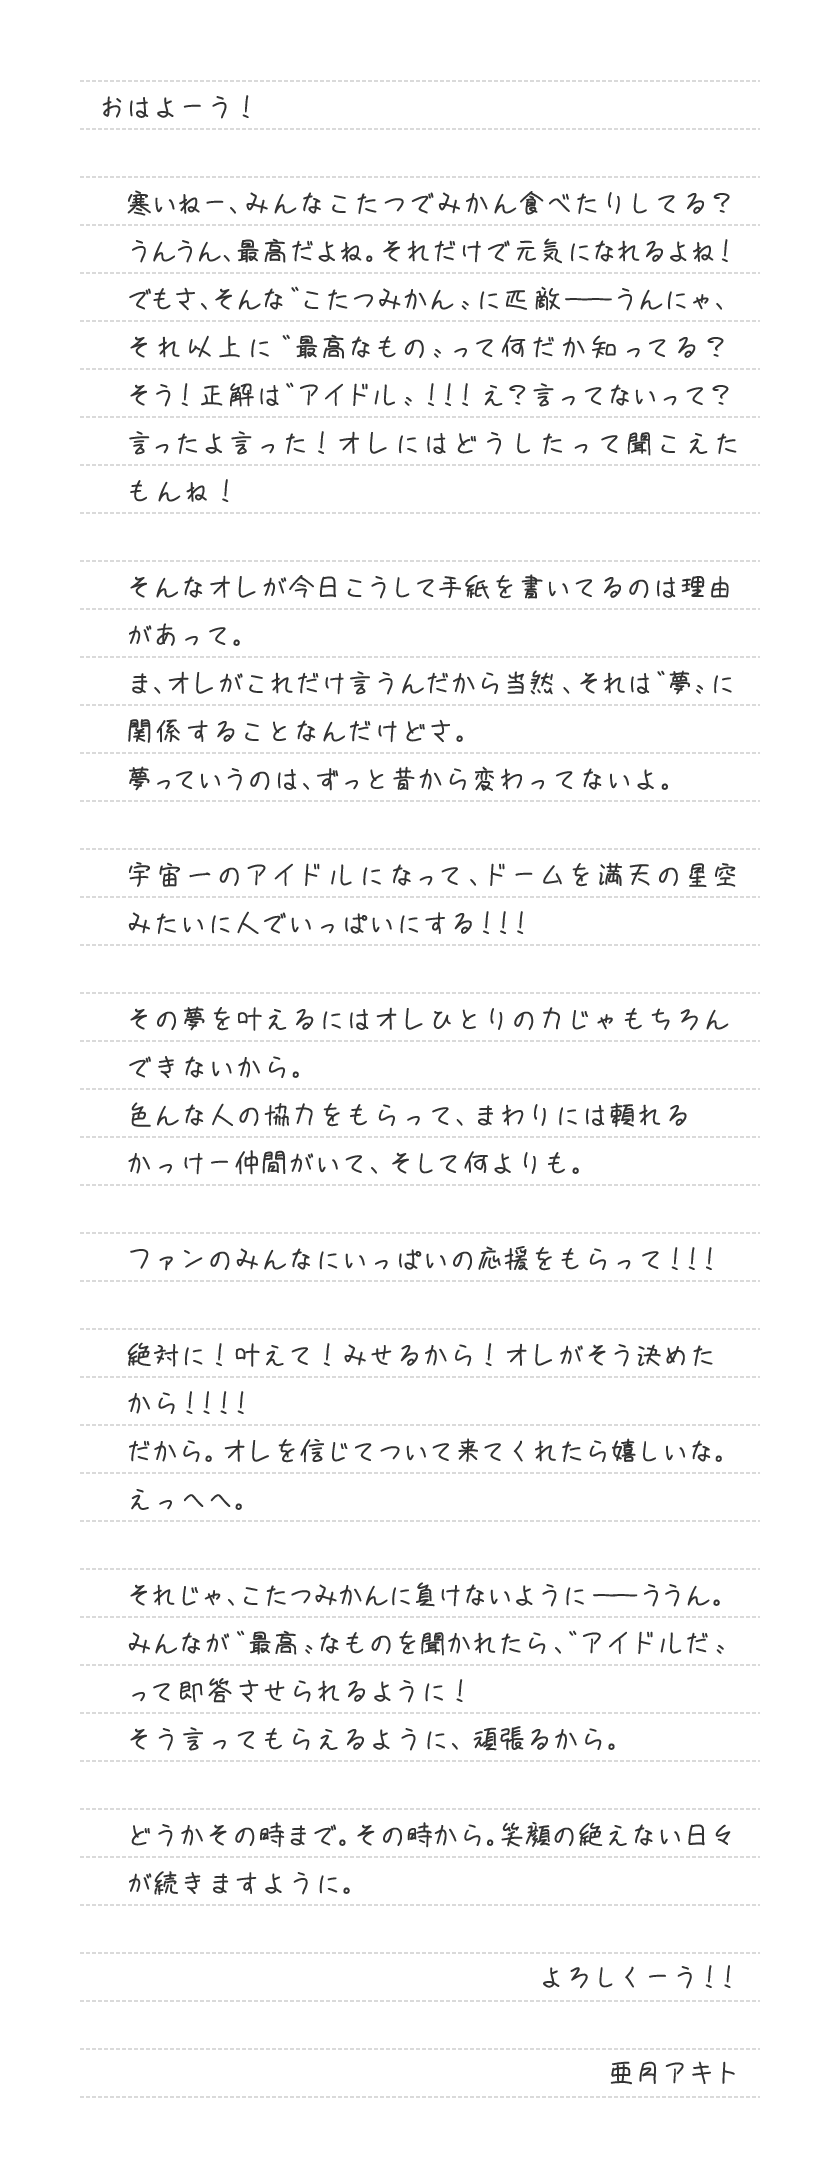 アキトの手紙